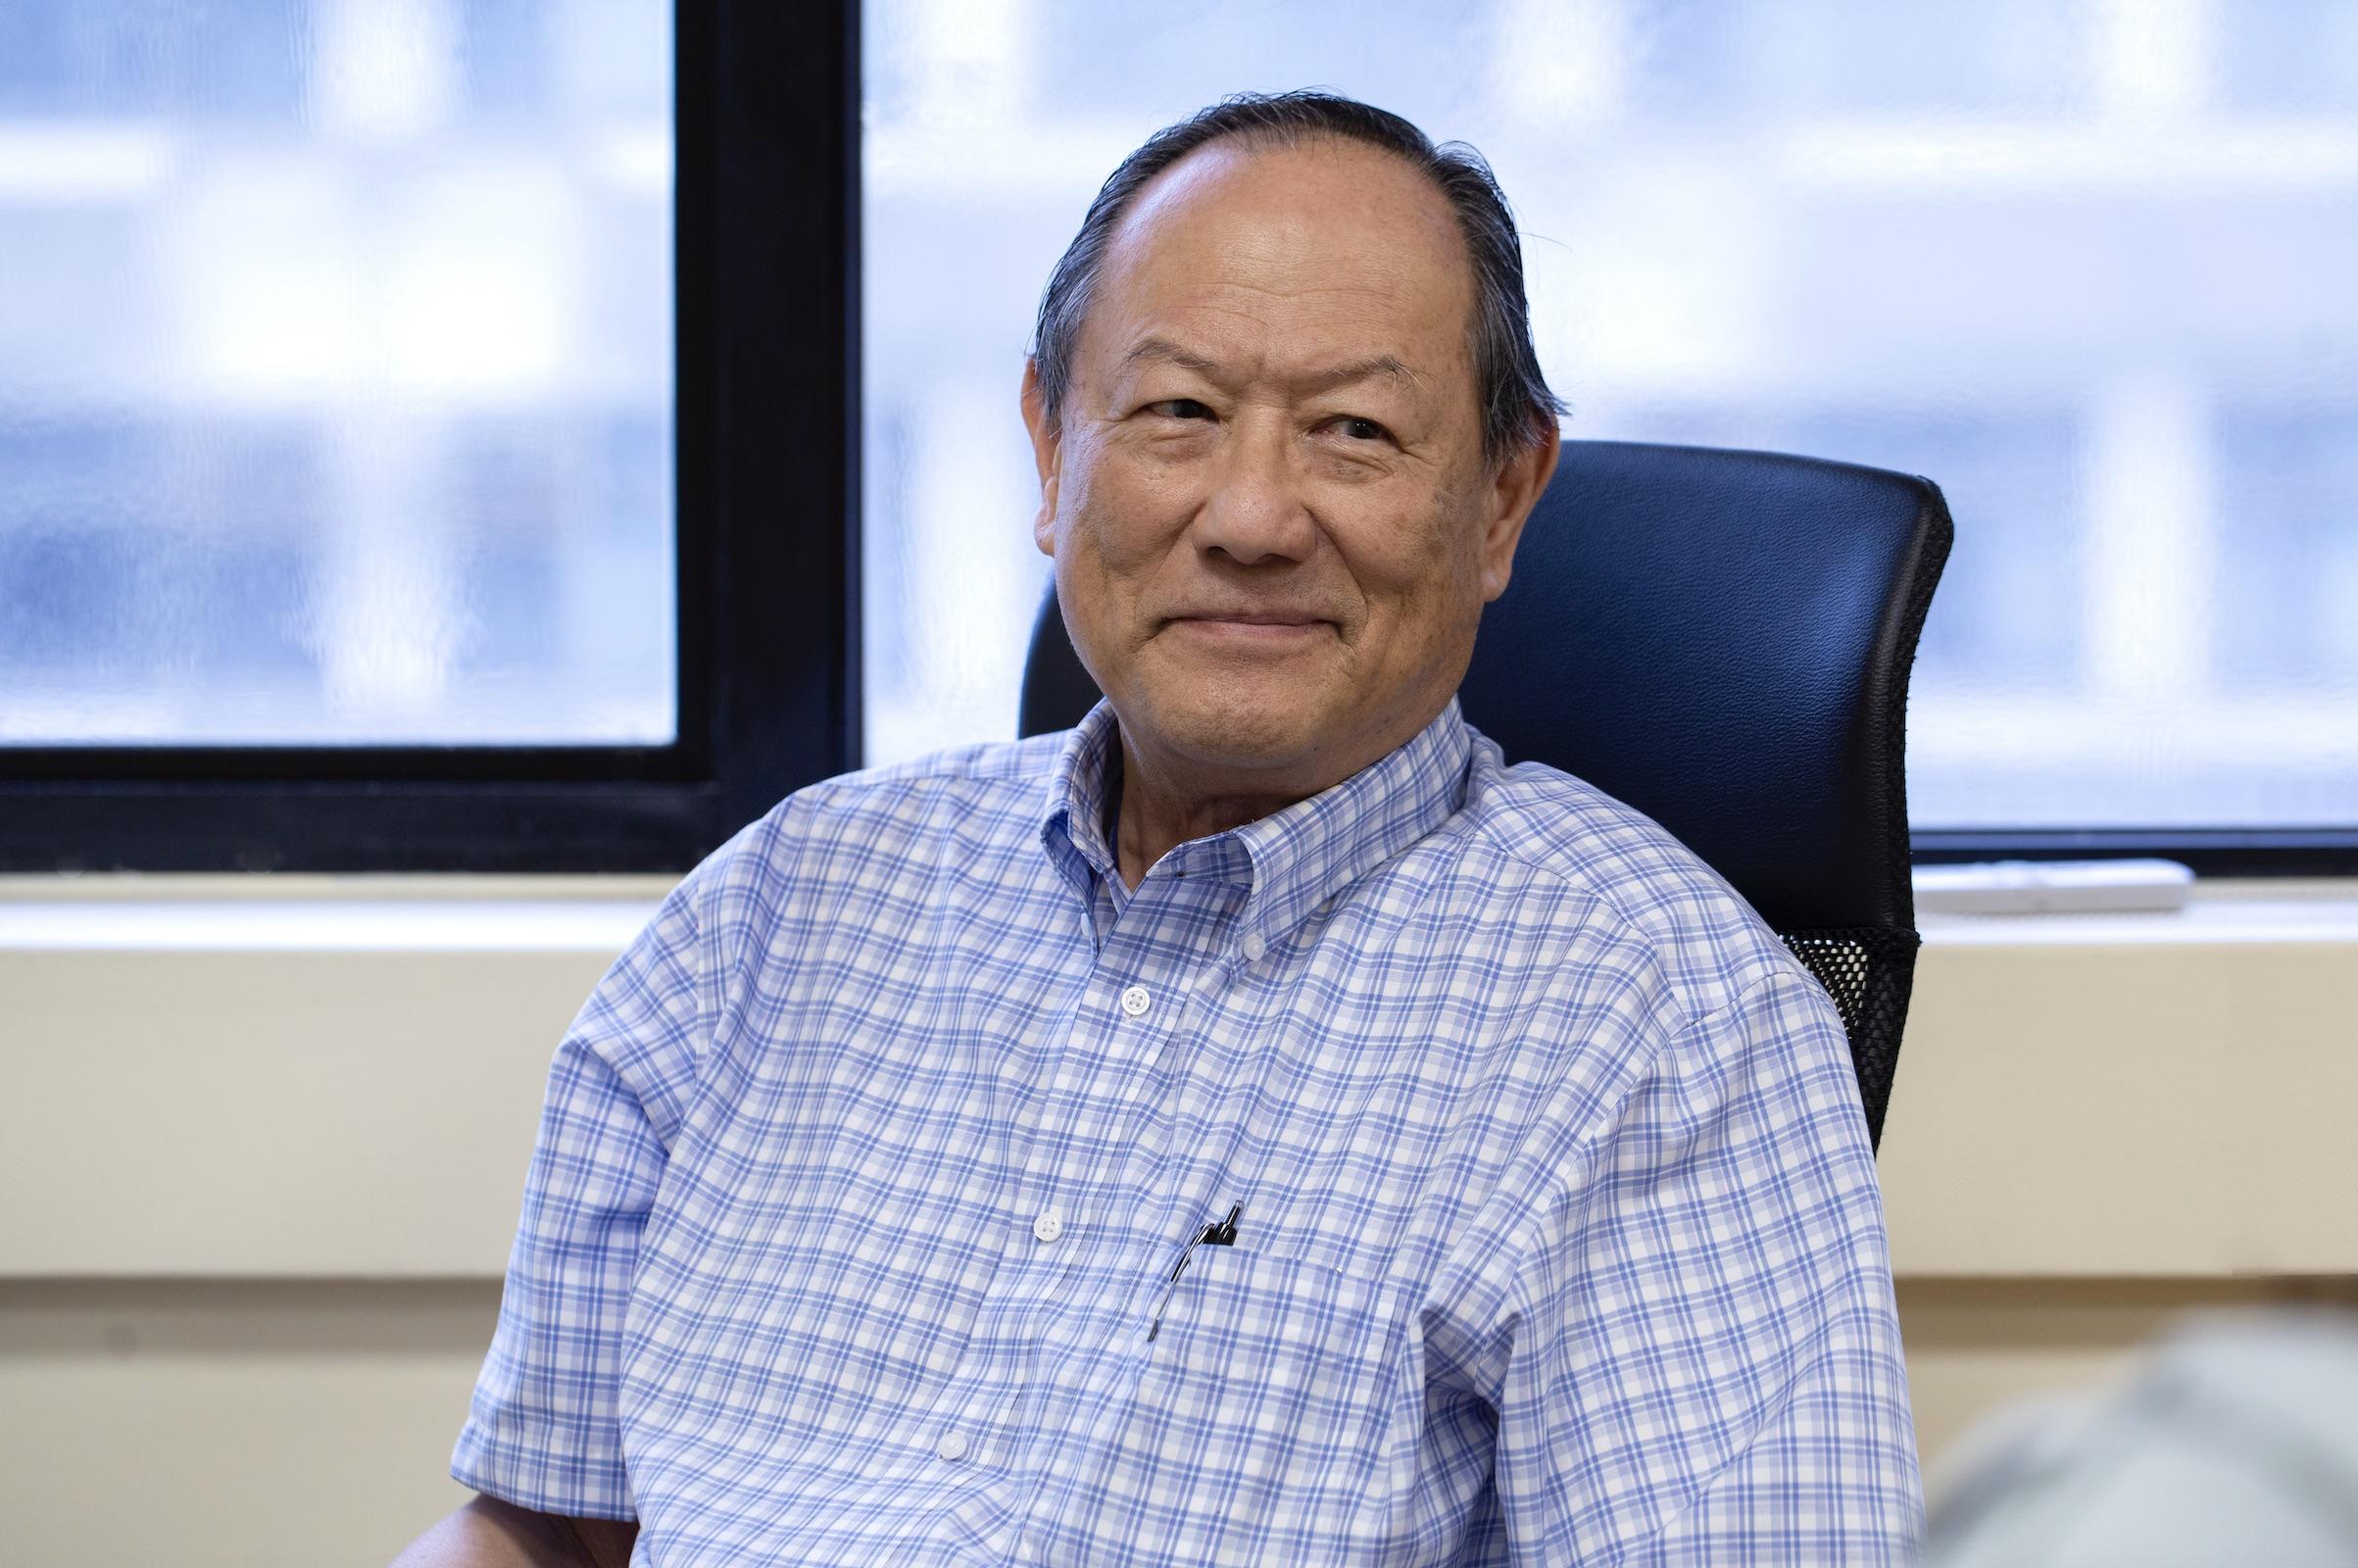 中研院錢嘉陵院士,任教於美國約翰霍普金斯大學,並為 Jacob L. Hain 講座教授,專注於磁性、超導體、自旋電子學和納米結構材料的研究。錢教授不但是美國物理學會和美國科學促進學會的會士,榮獲美國物理學會的大衛·阿德勒獎 (David Adler Award),更得到國際物理與應用物理聯盟 (IUPAP) 磁學獎與奈爾獎章 (Néel Medal)。攝影│林洵安